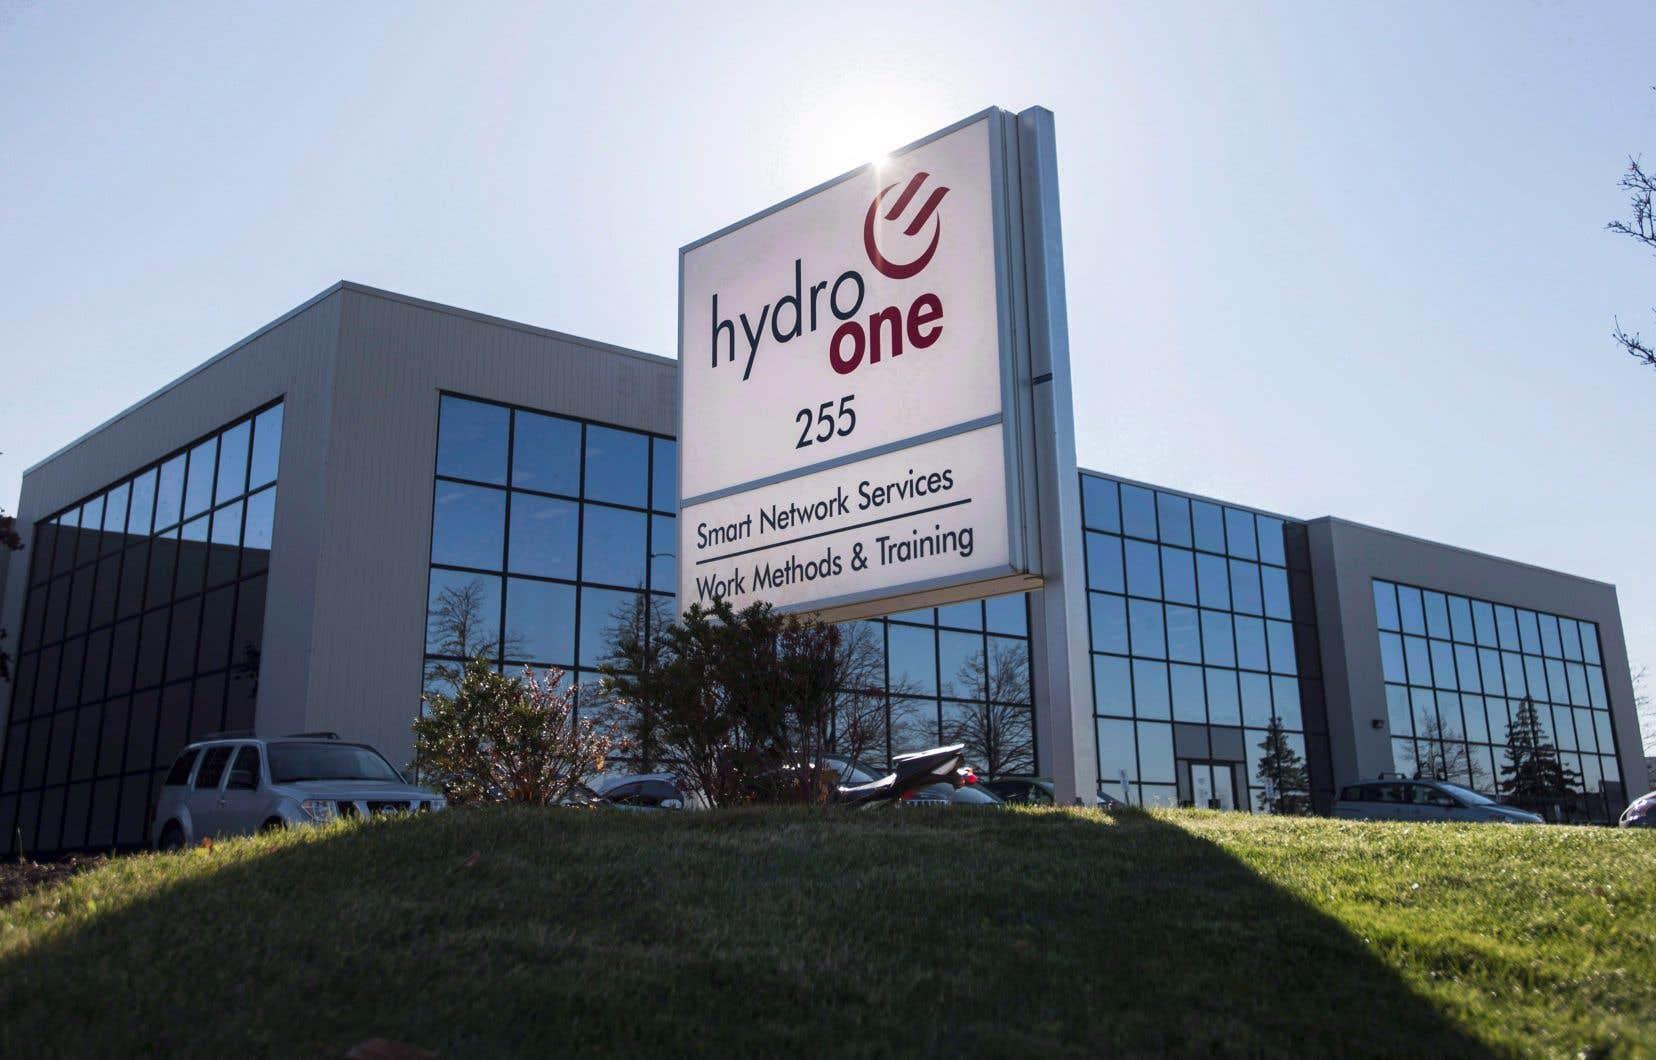 Les 14 membres du conseil d'administration de Hydro One ont démissionné la semaine dernière.